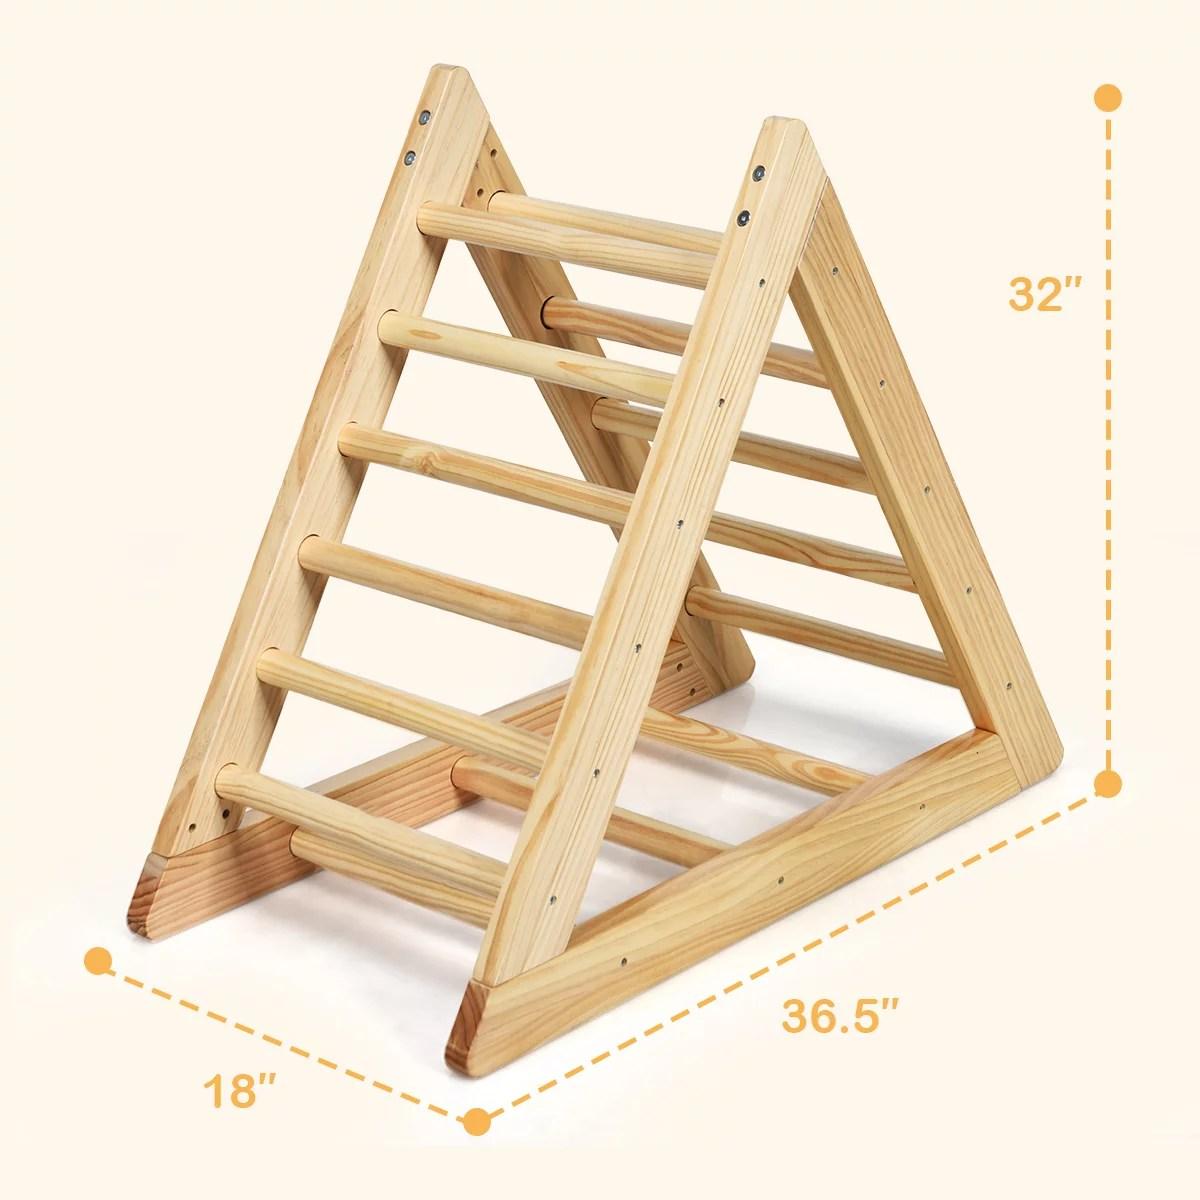 triangle d escalade pour enfants echelle d escalade d interieur cadre en bois de pin avec peinture non toxique la capacite de charge maximum 60kg